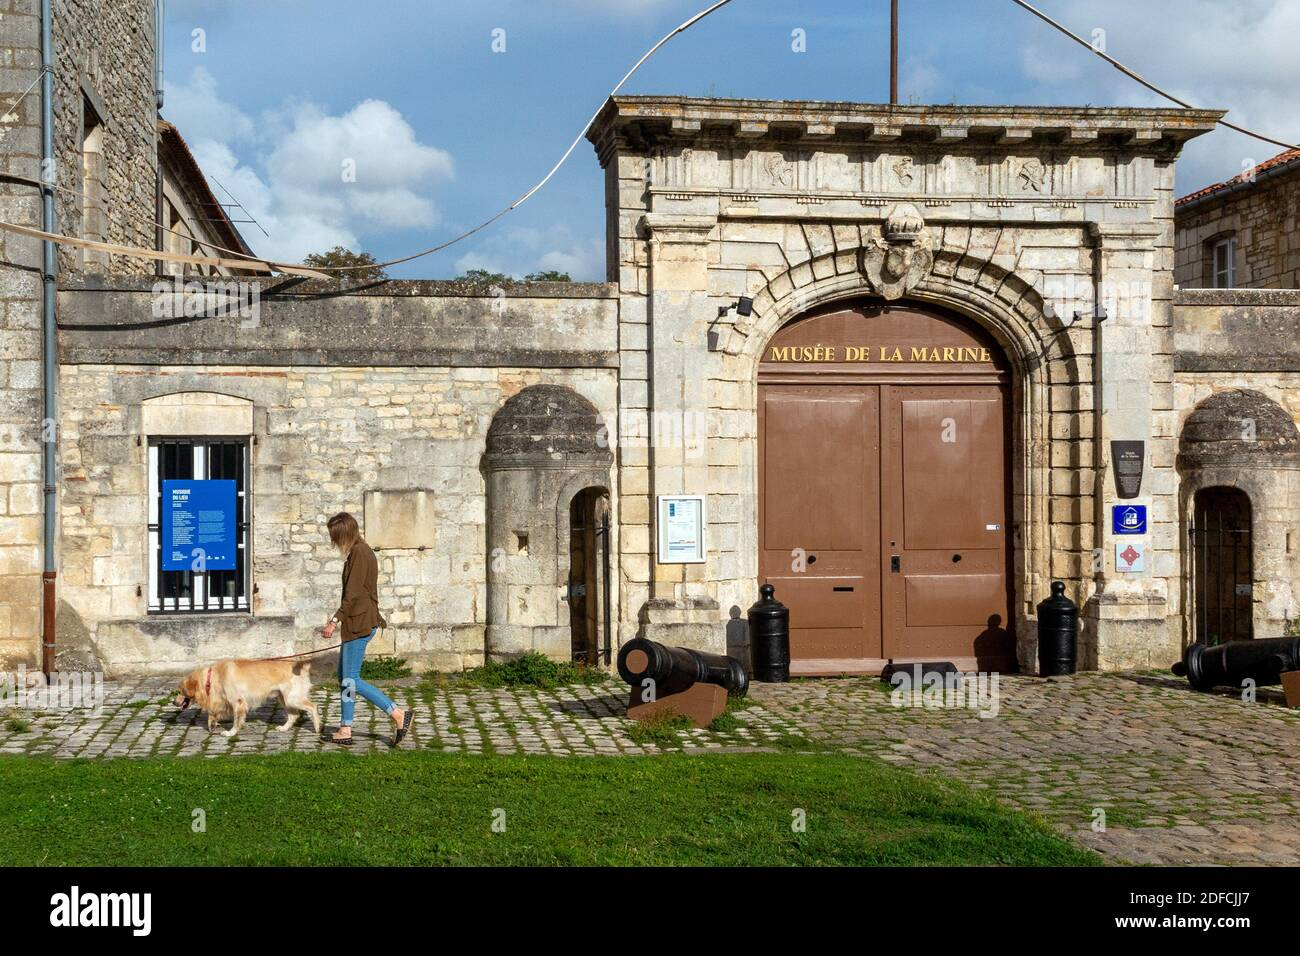 MARINEMUSEUM, ROCHEFORT, CHARENTE-MARITIME, FRANKREICH Stockfoto